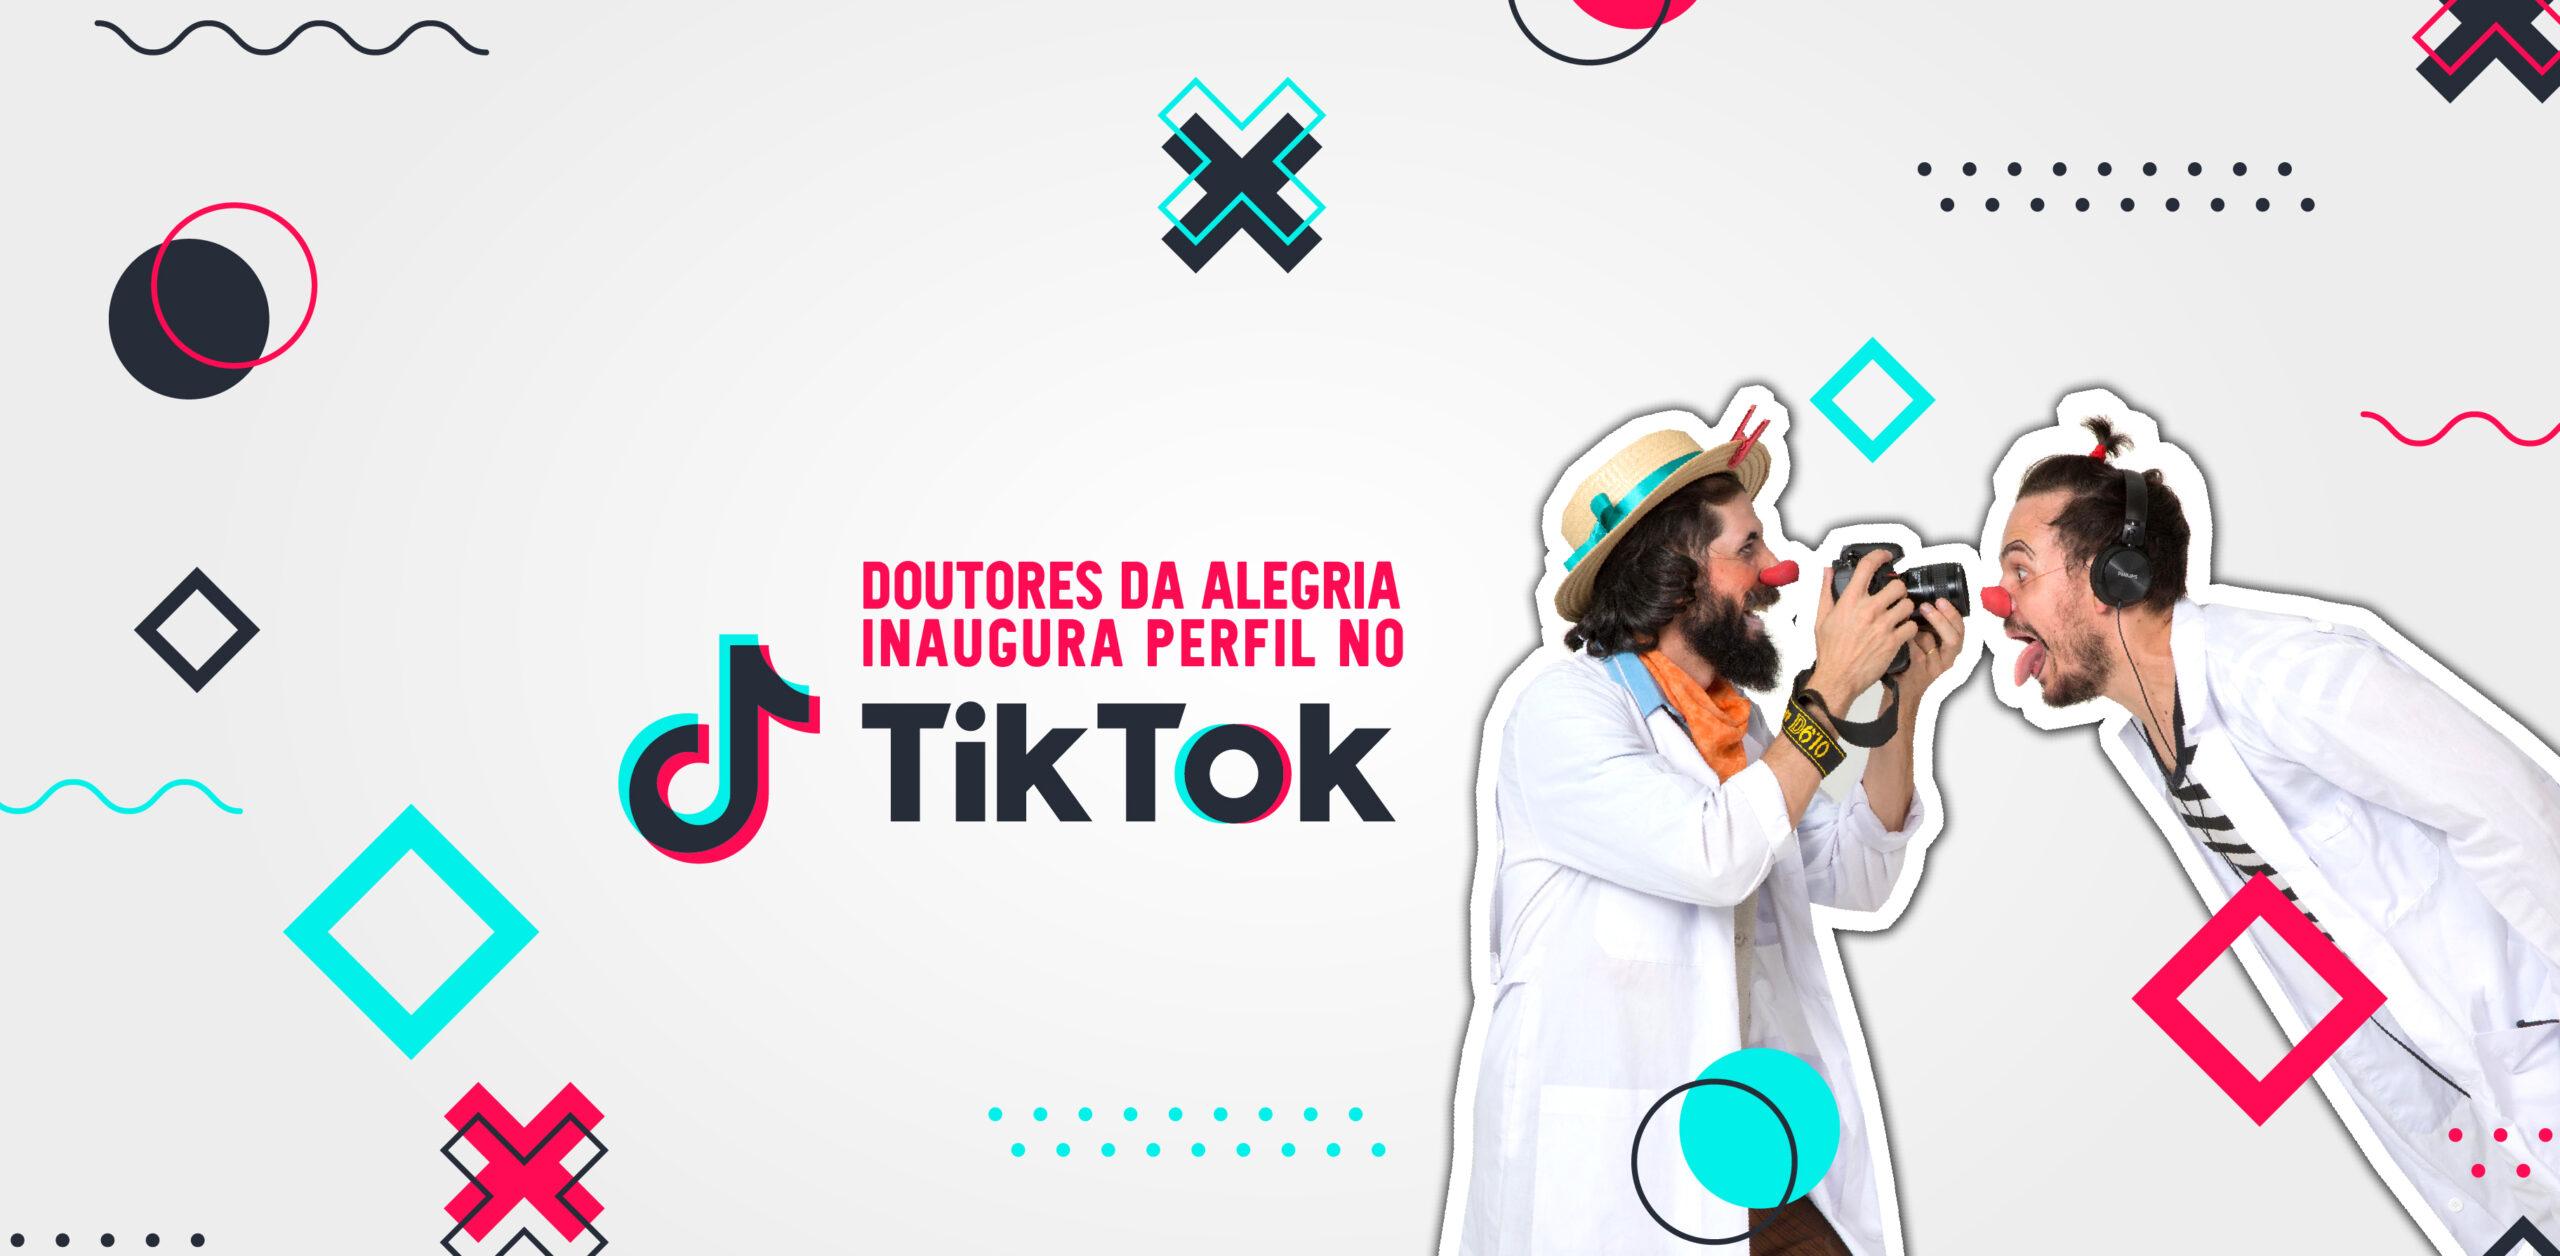 Doutores da Alegria inaugura perfil no Tik Tok